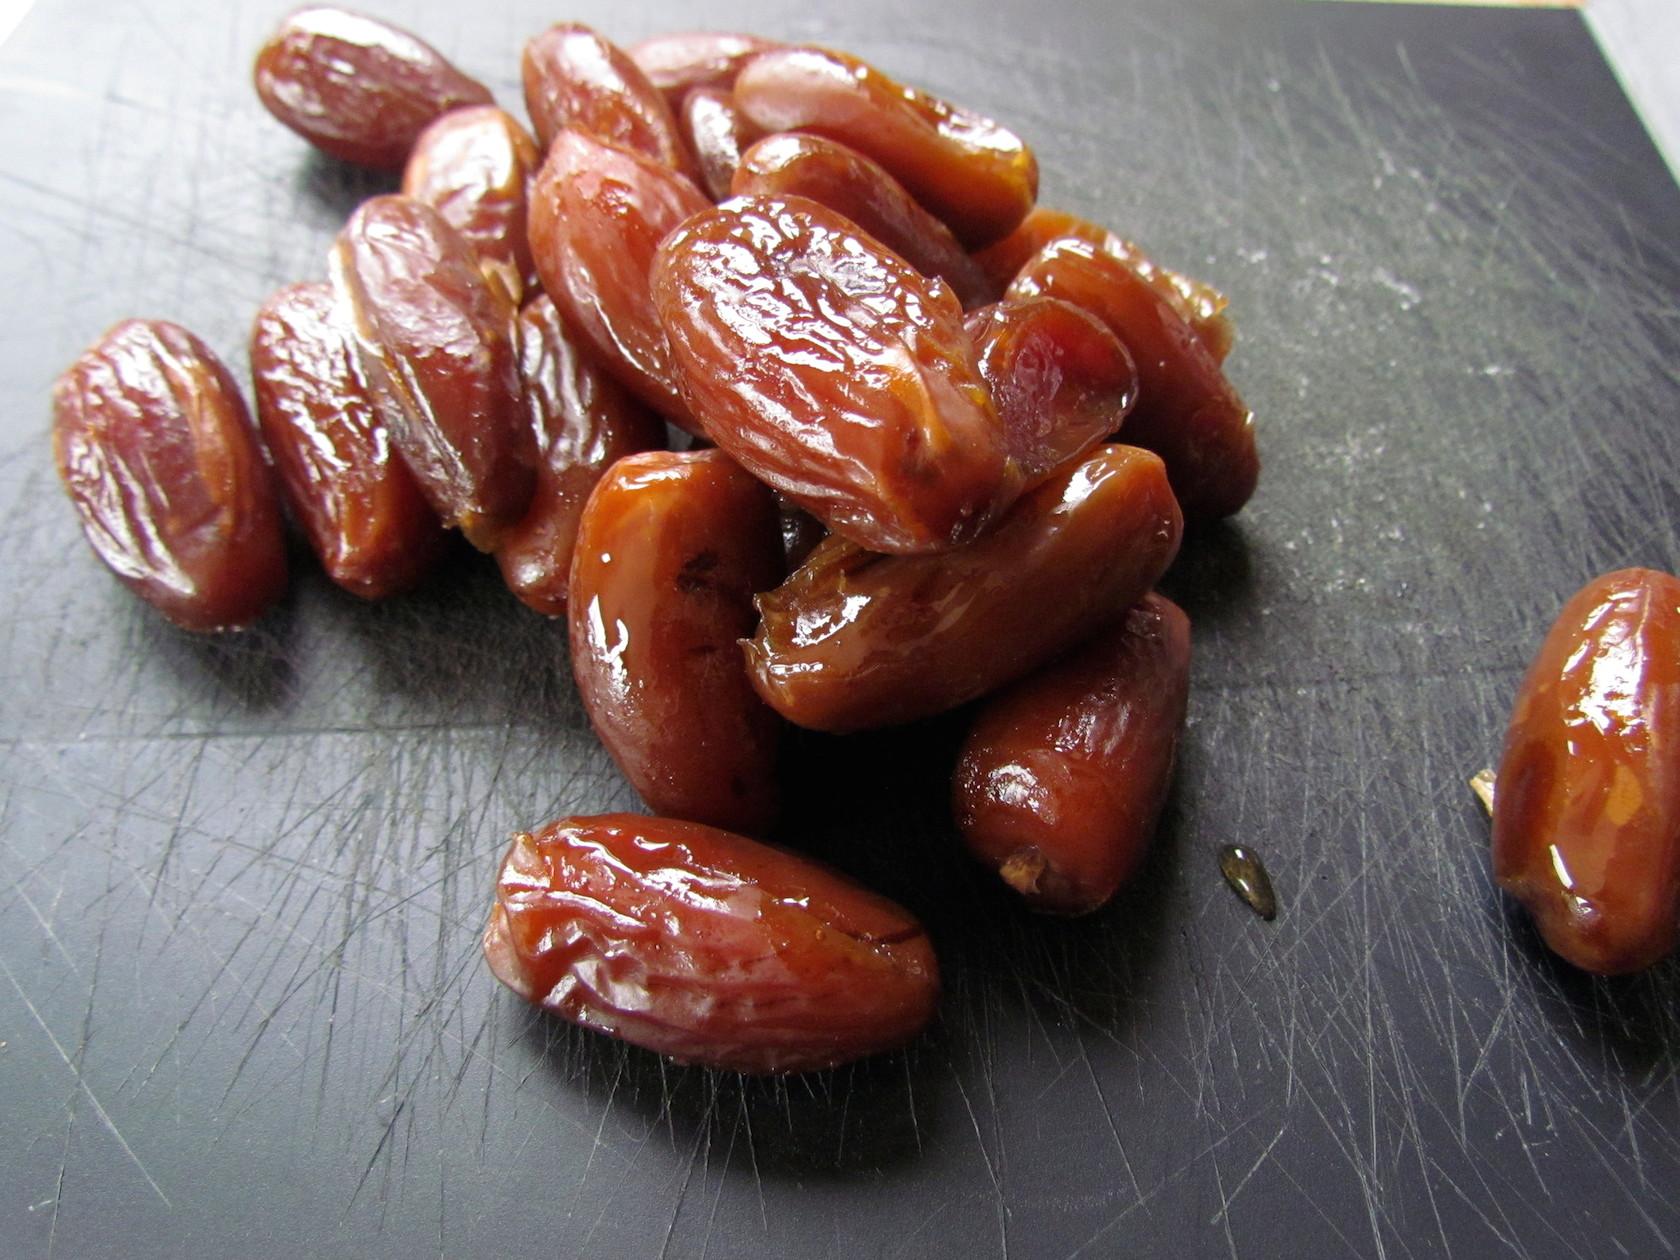 Hannukah dates